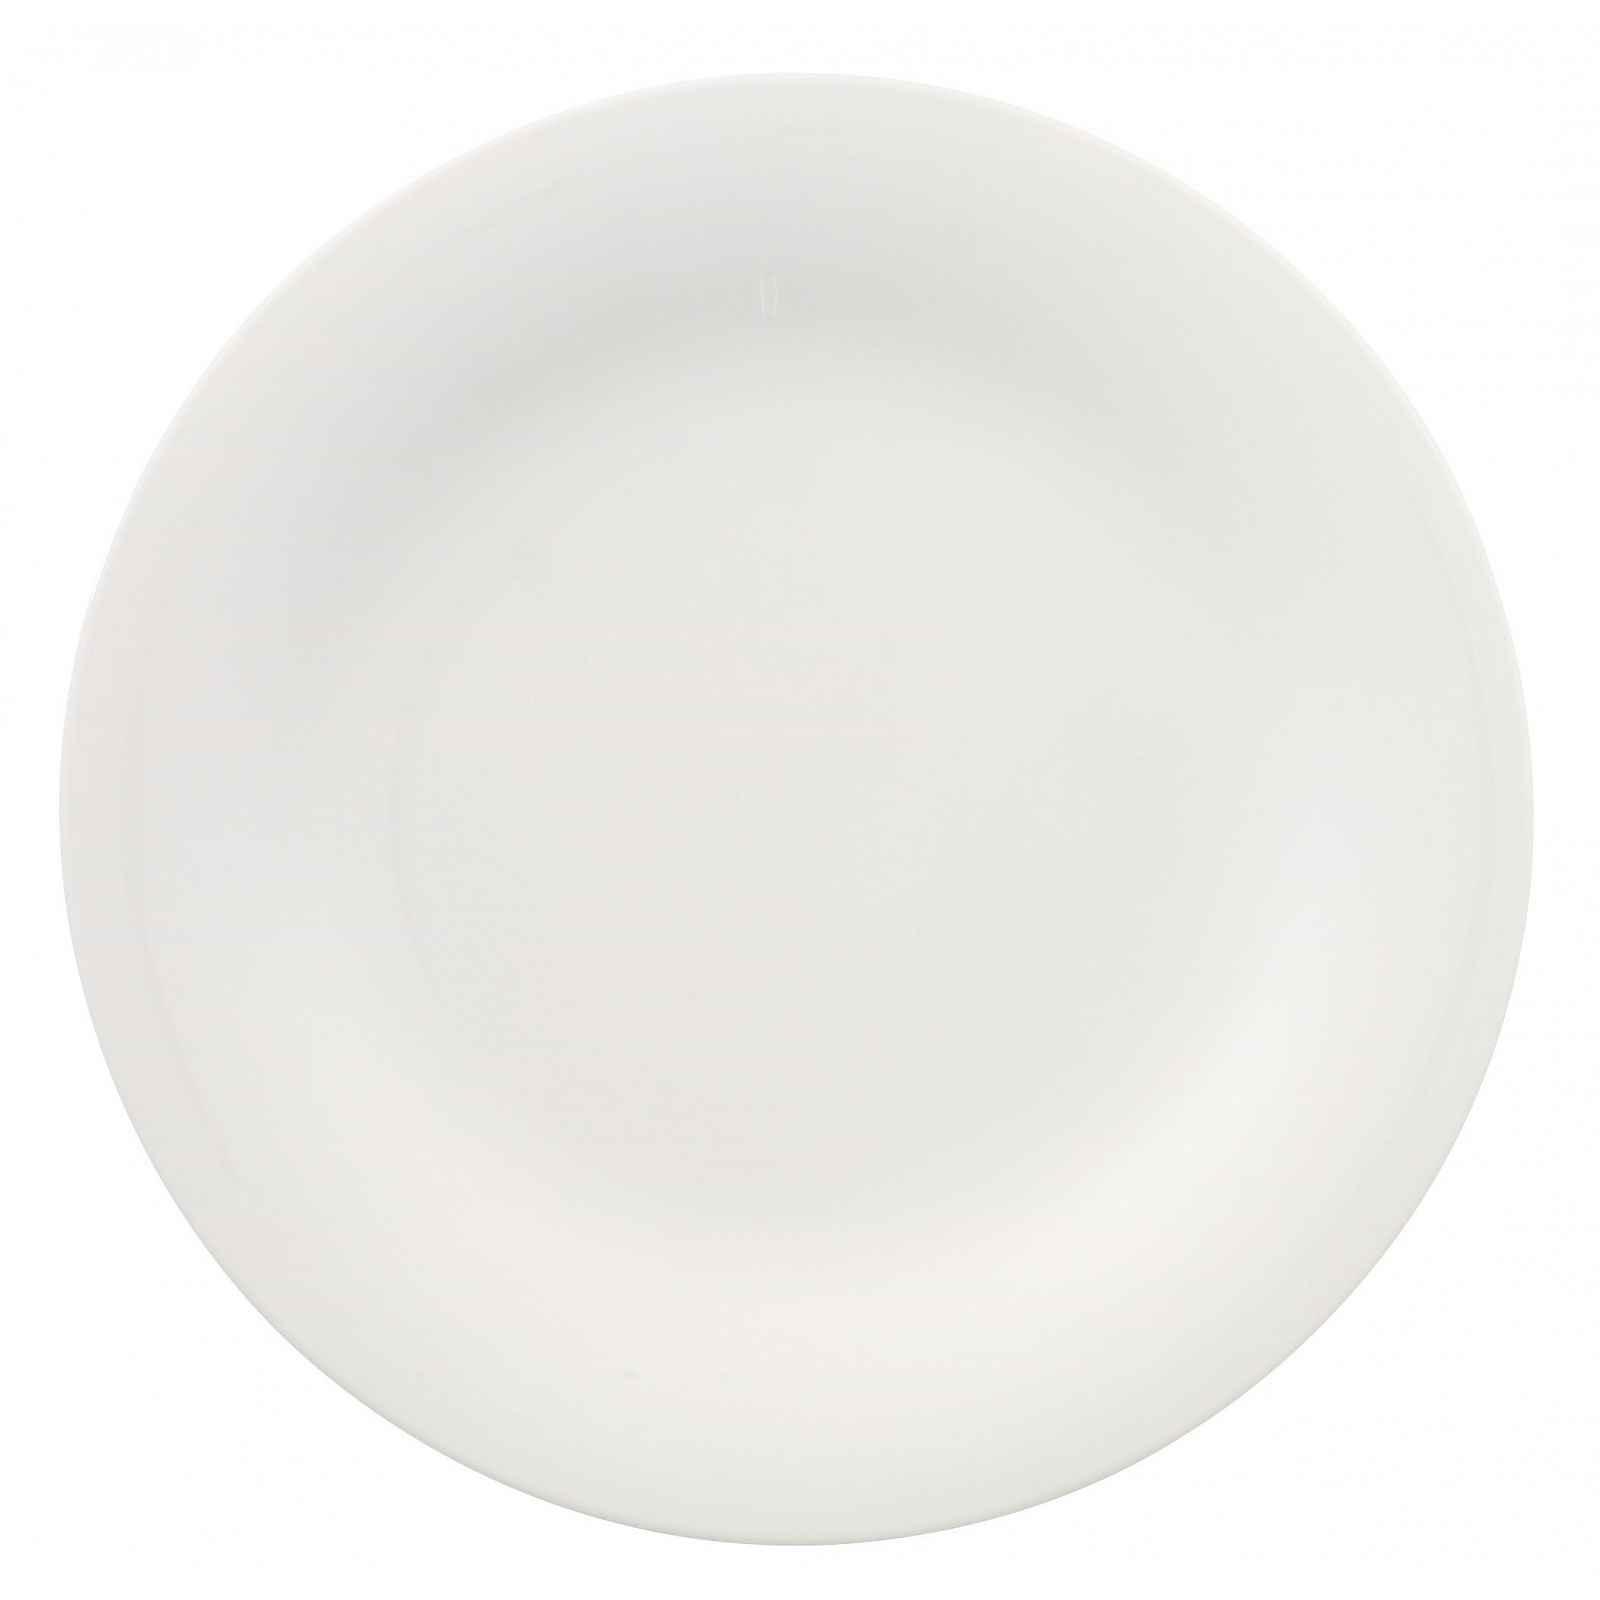 Bílý porcelánový talíř Villeroy & Boch New Cottage, ⌀ 27 cm